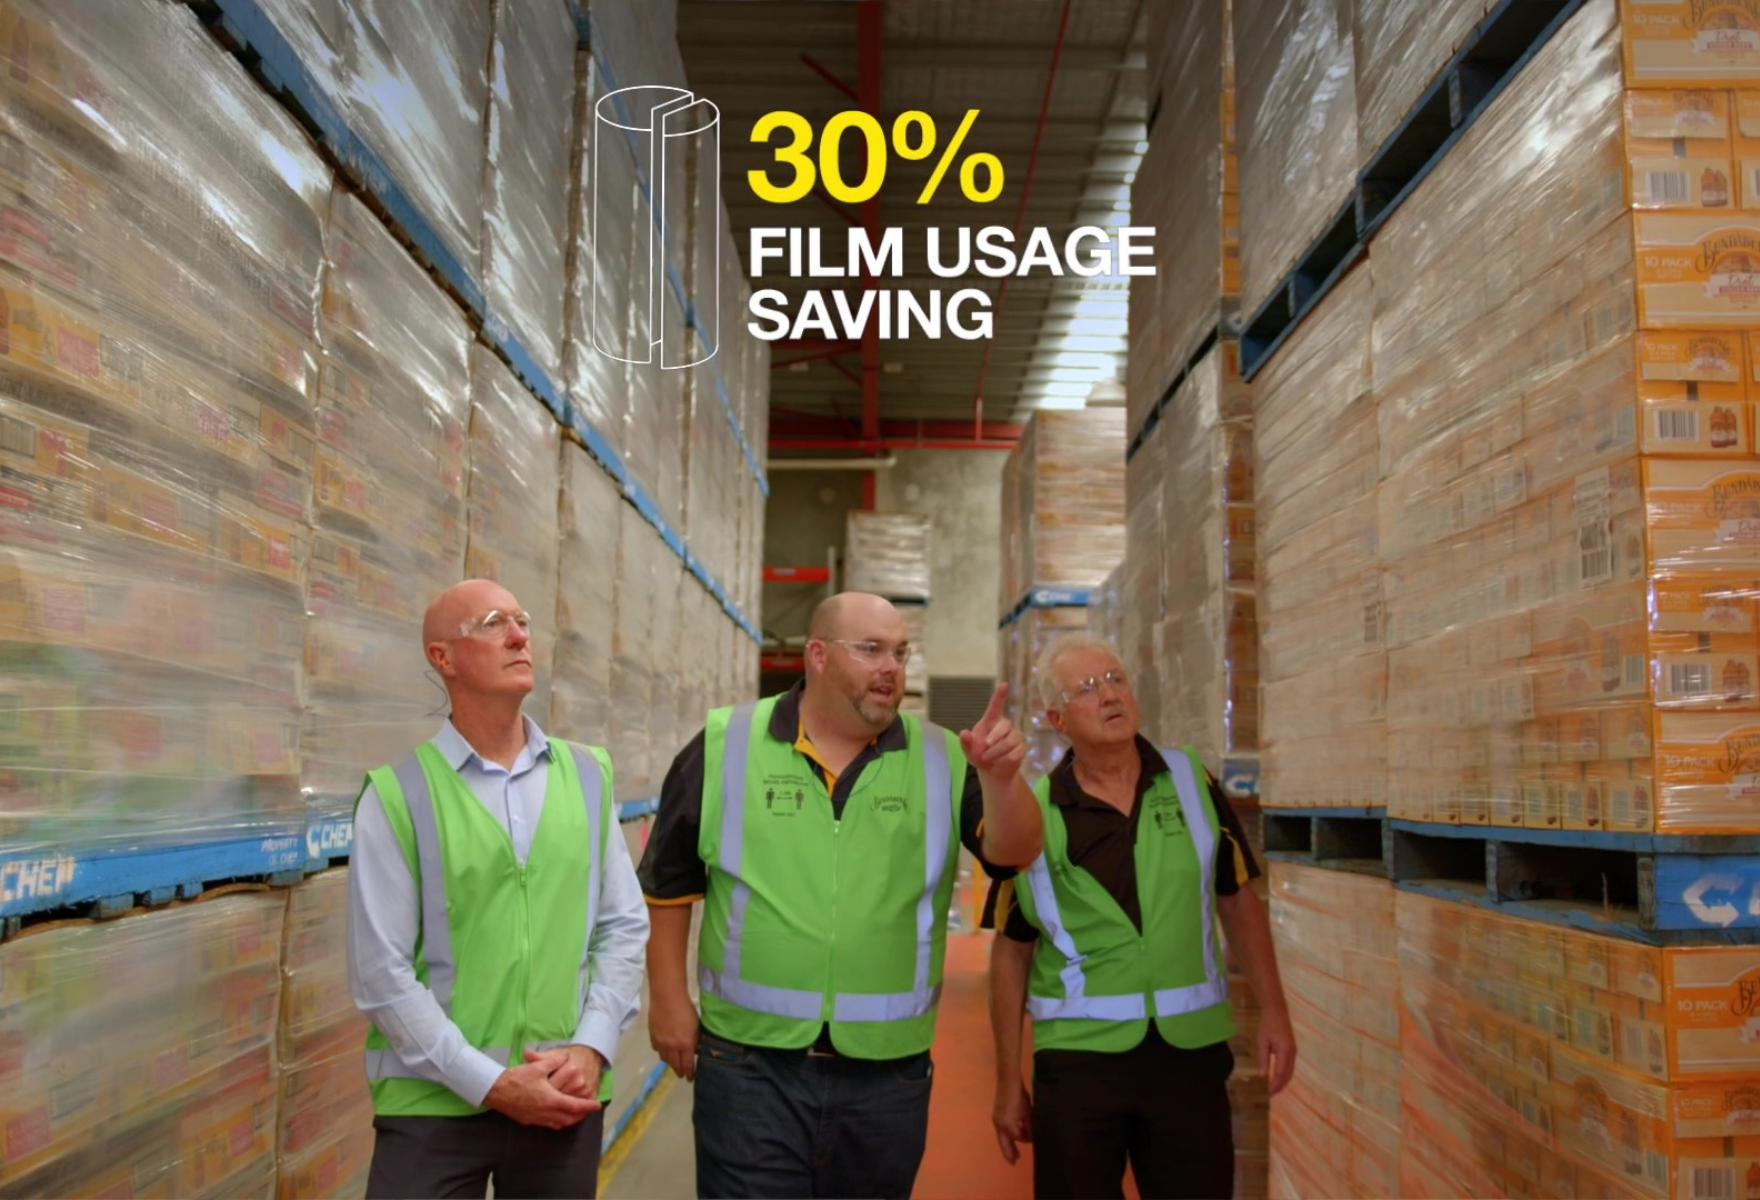 30% Film Savings